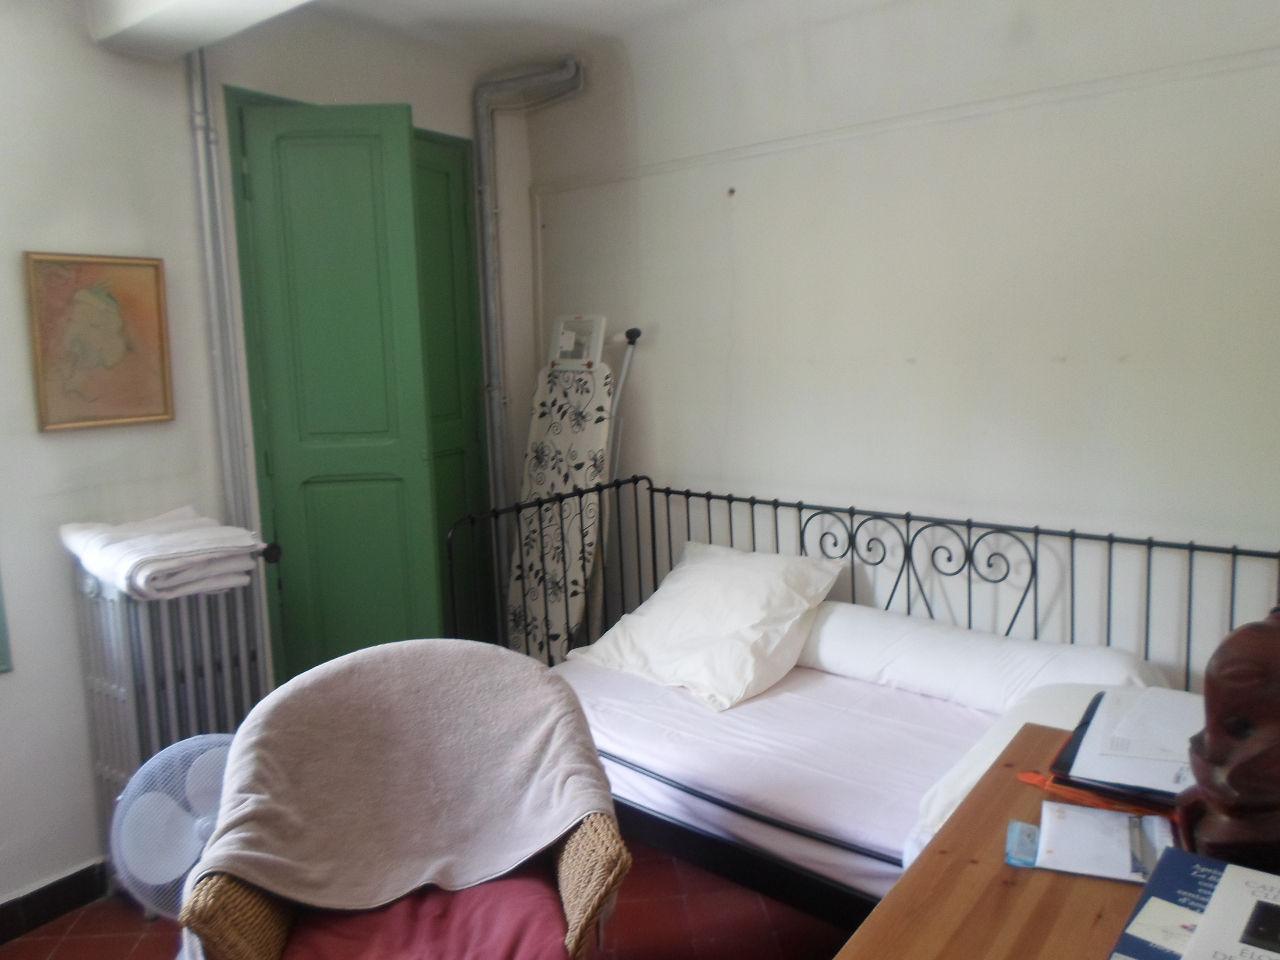 a vendre maison de ville manosque manosque 04100. Black Bedroom Furniture Sets. Home Design Ideas